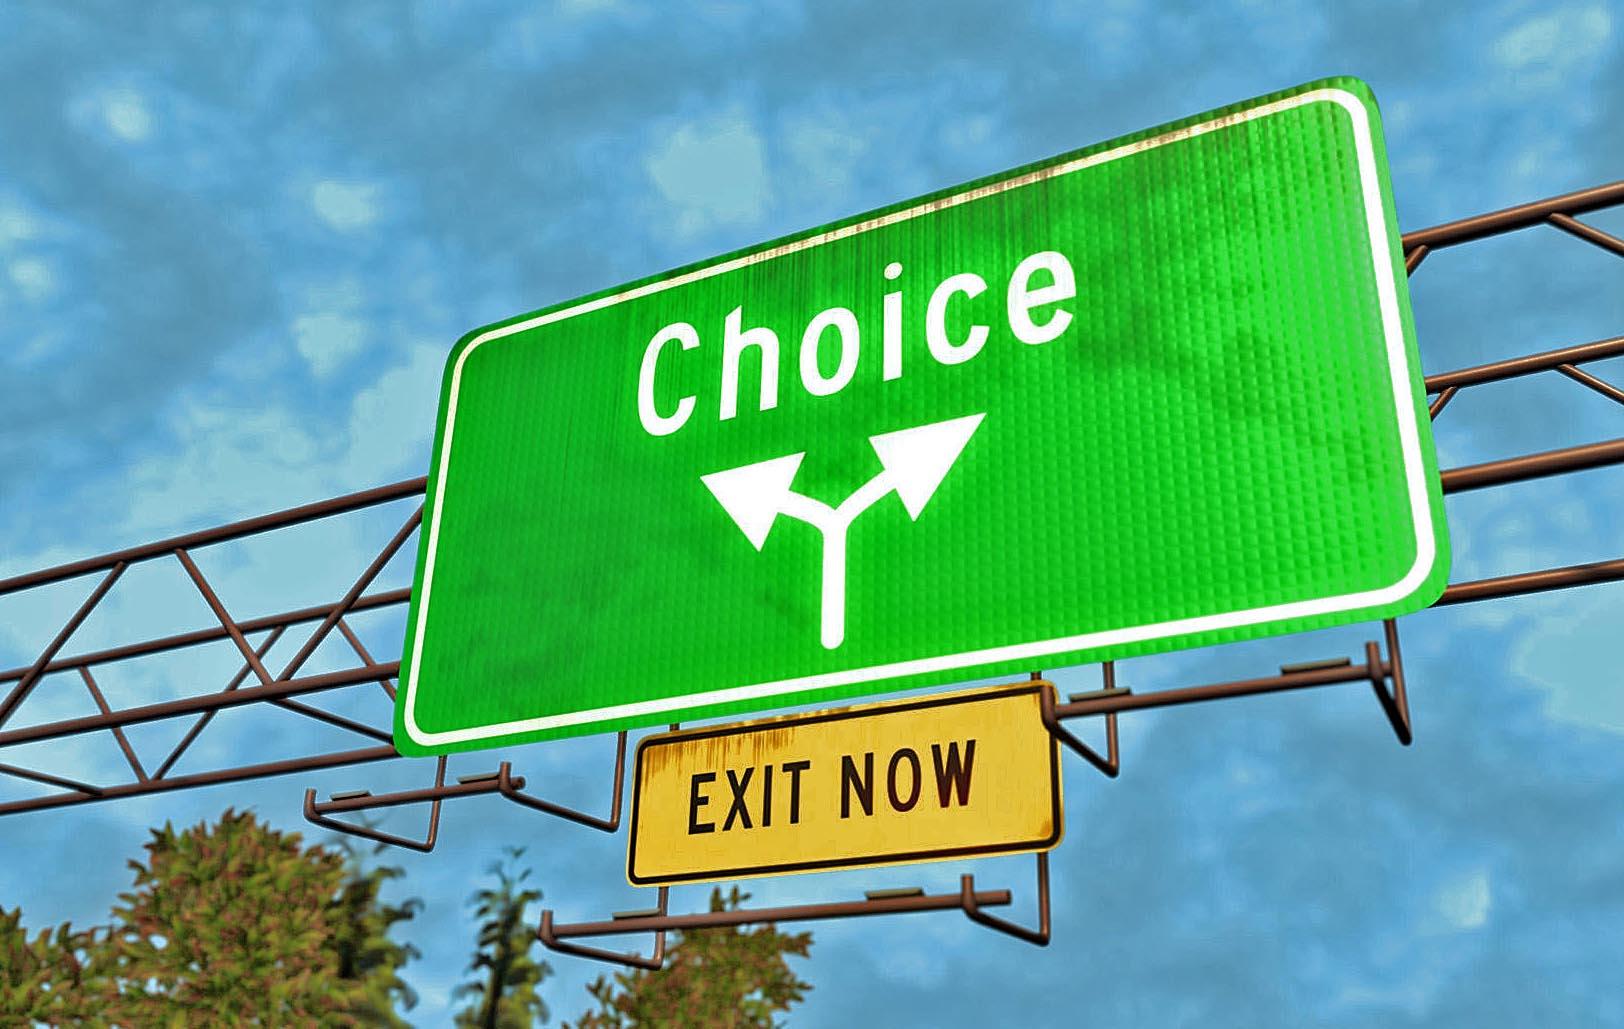 Choices Everythingclea